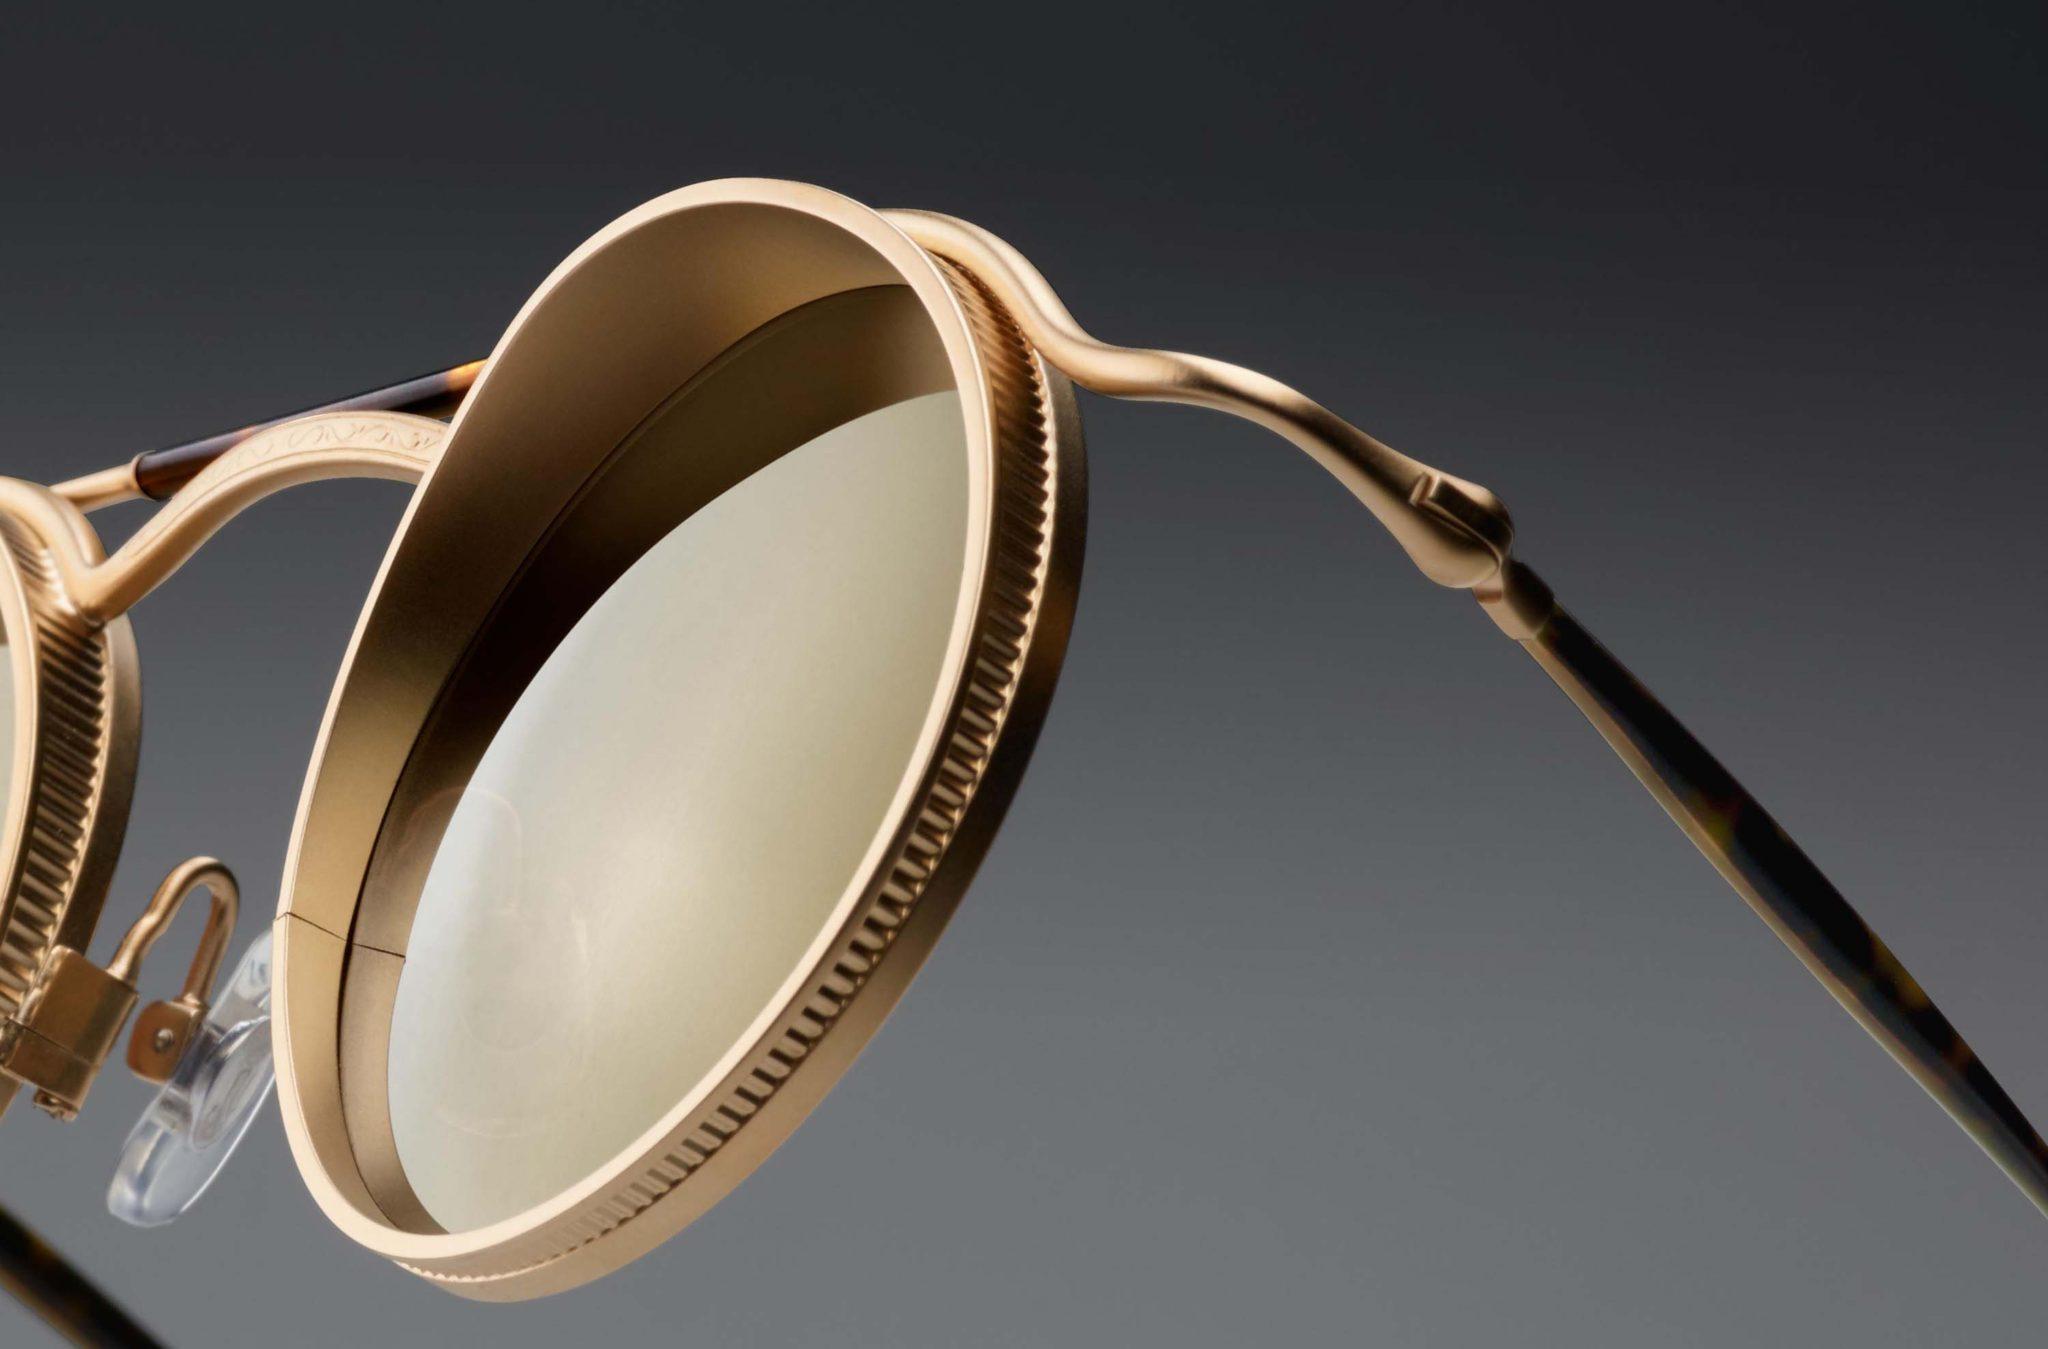 matsuda-eyewear-2903h-mgp-1-1.jpg